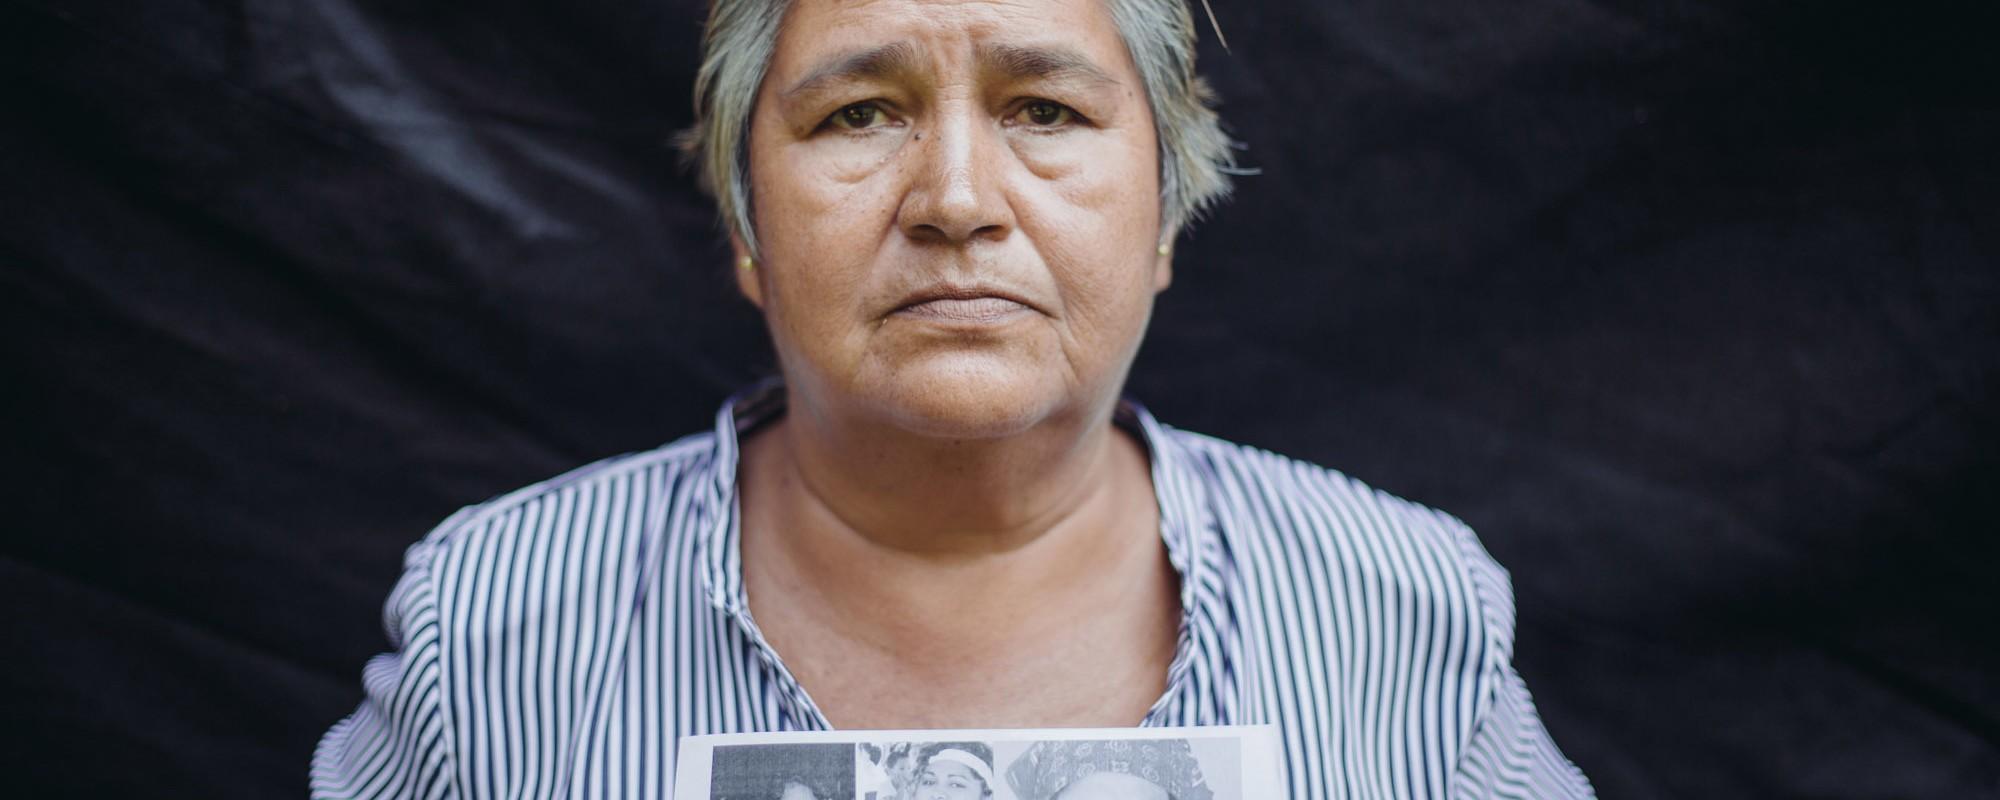 Miradas ausentes: Testimonios de familiares de desaparecidos